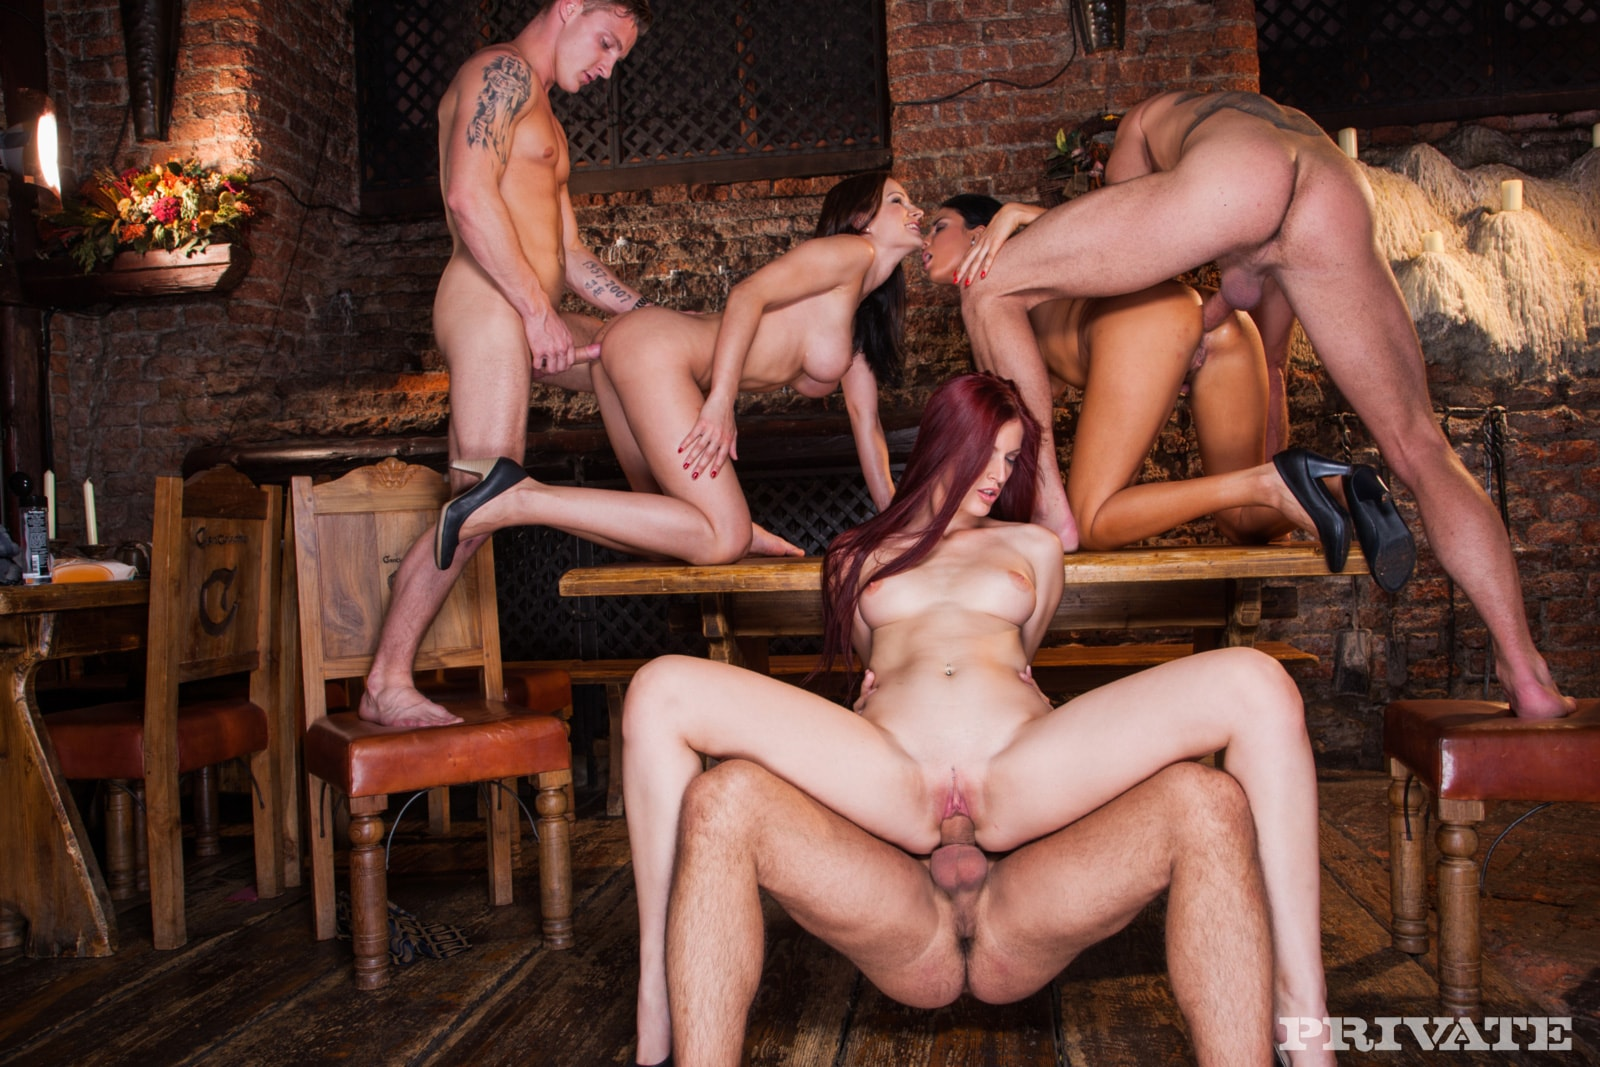 Девушек порно групповуха в кафе самотыком дрочит оргазм